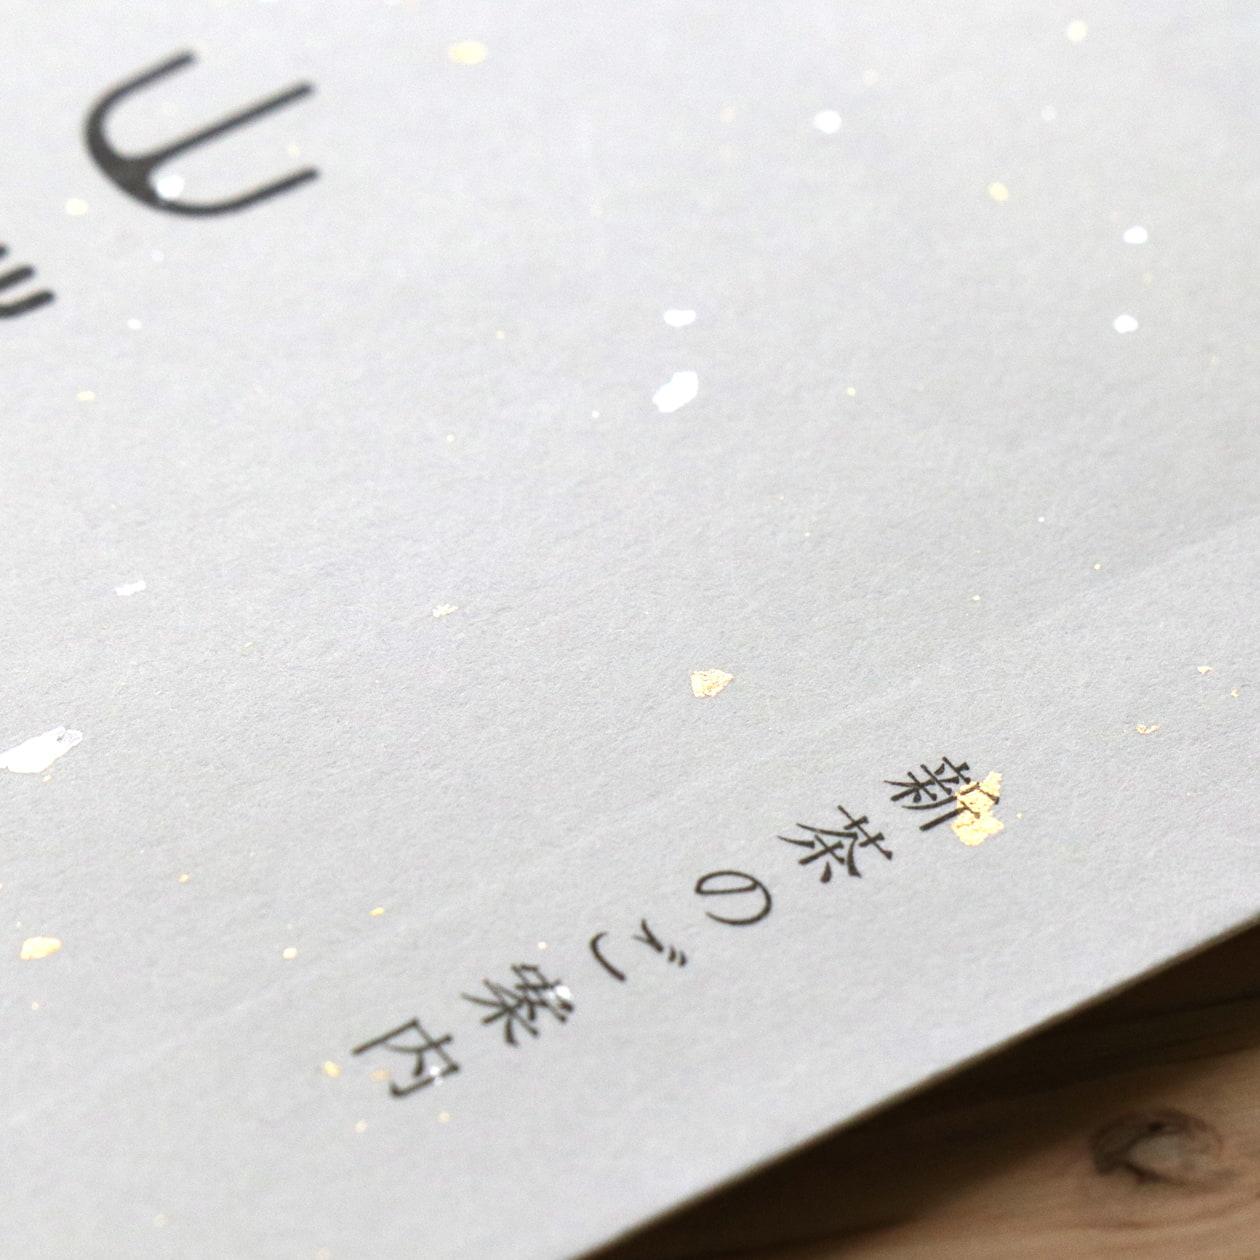 和紙でつくるご案内状